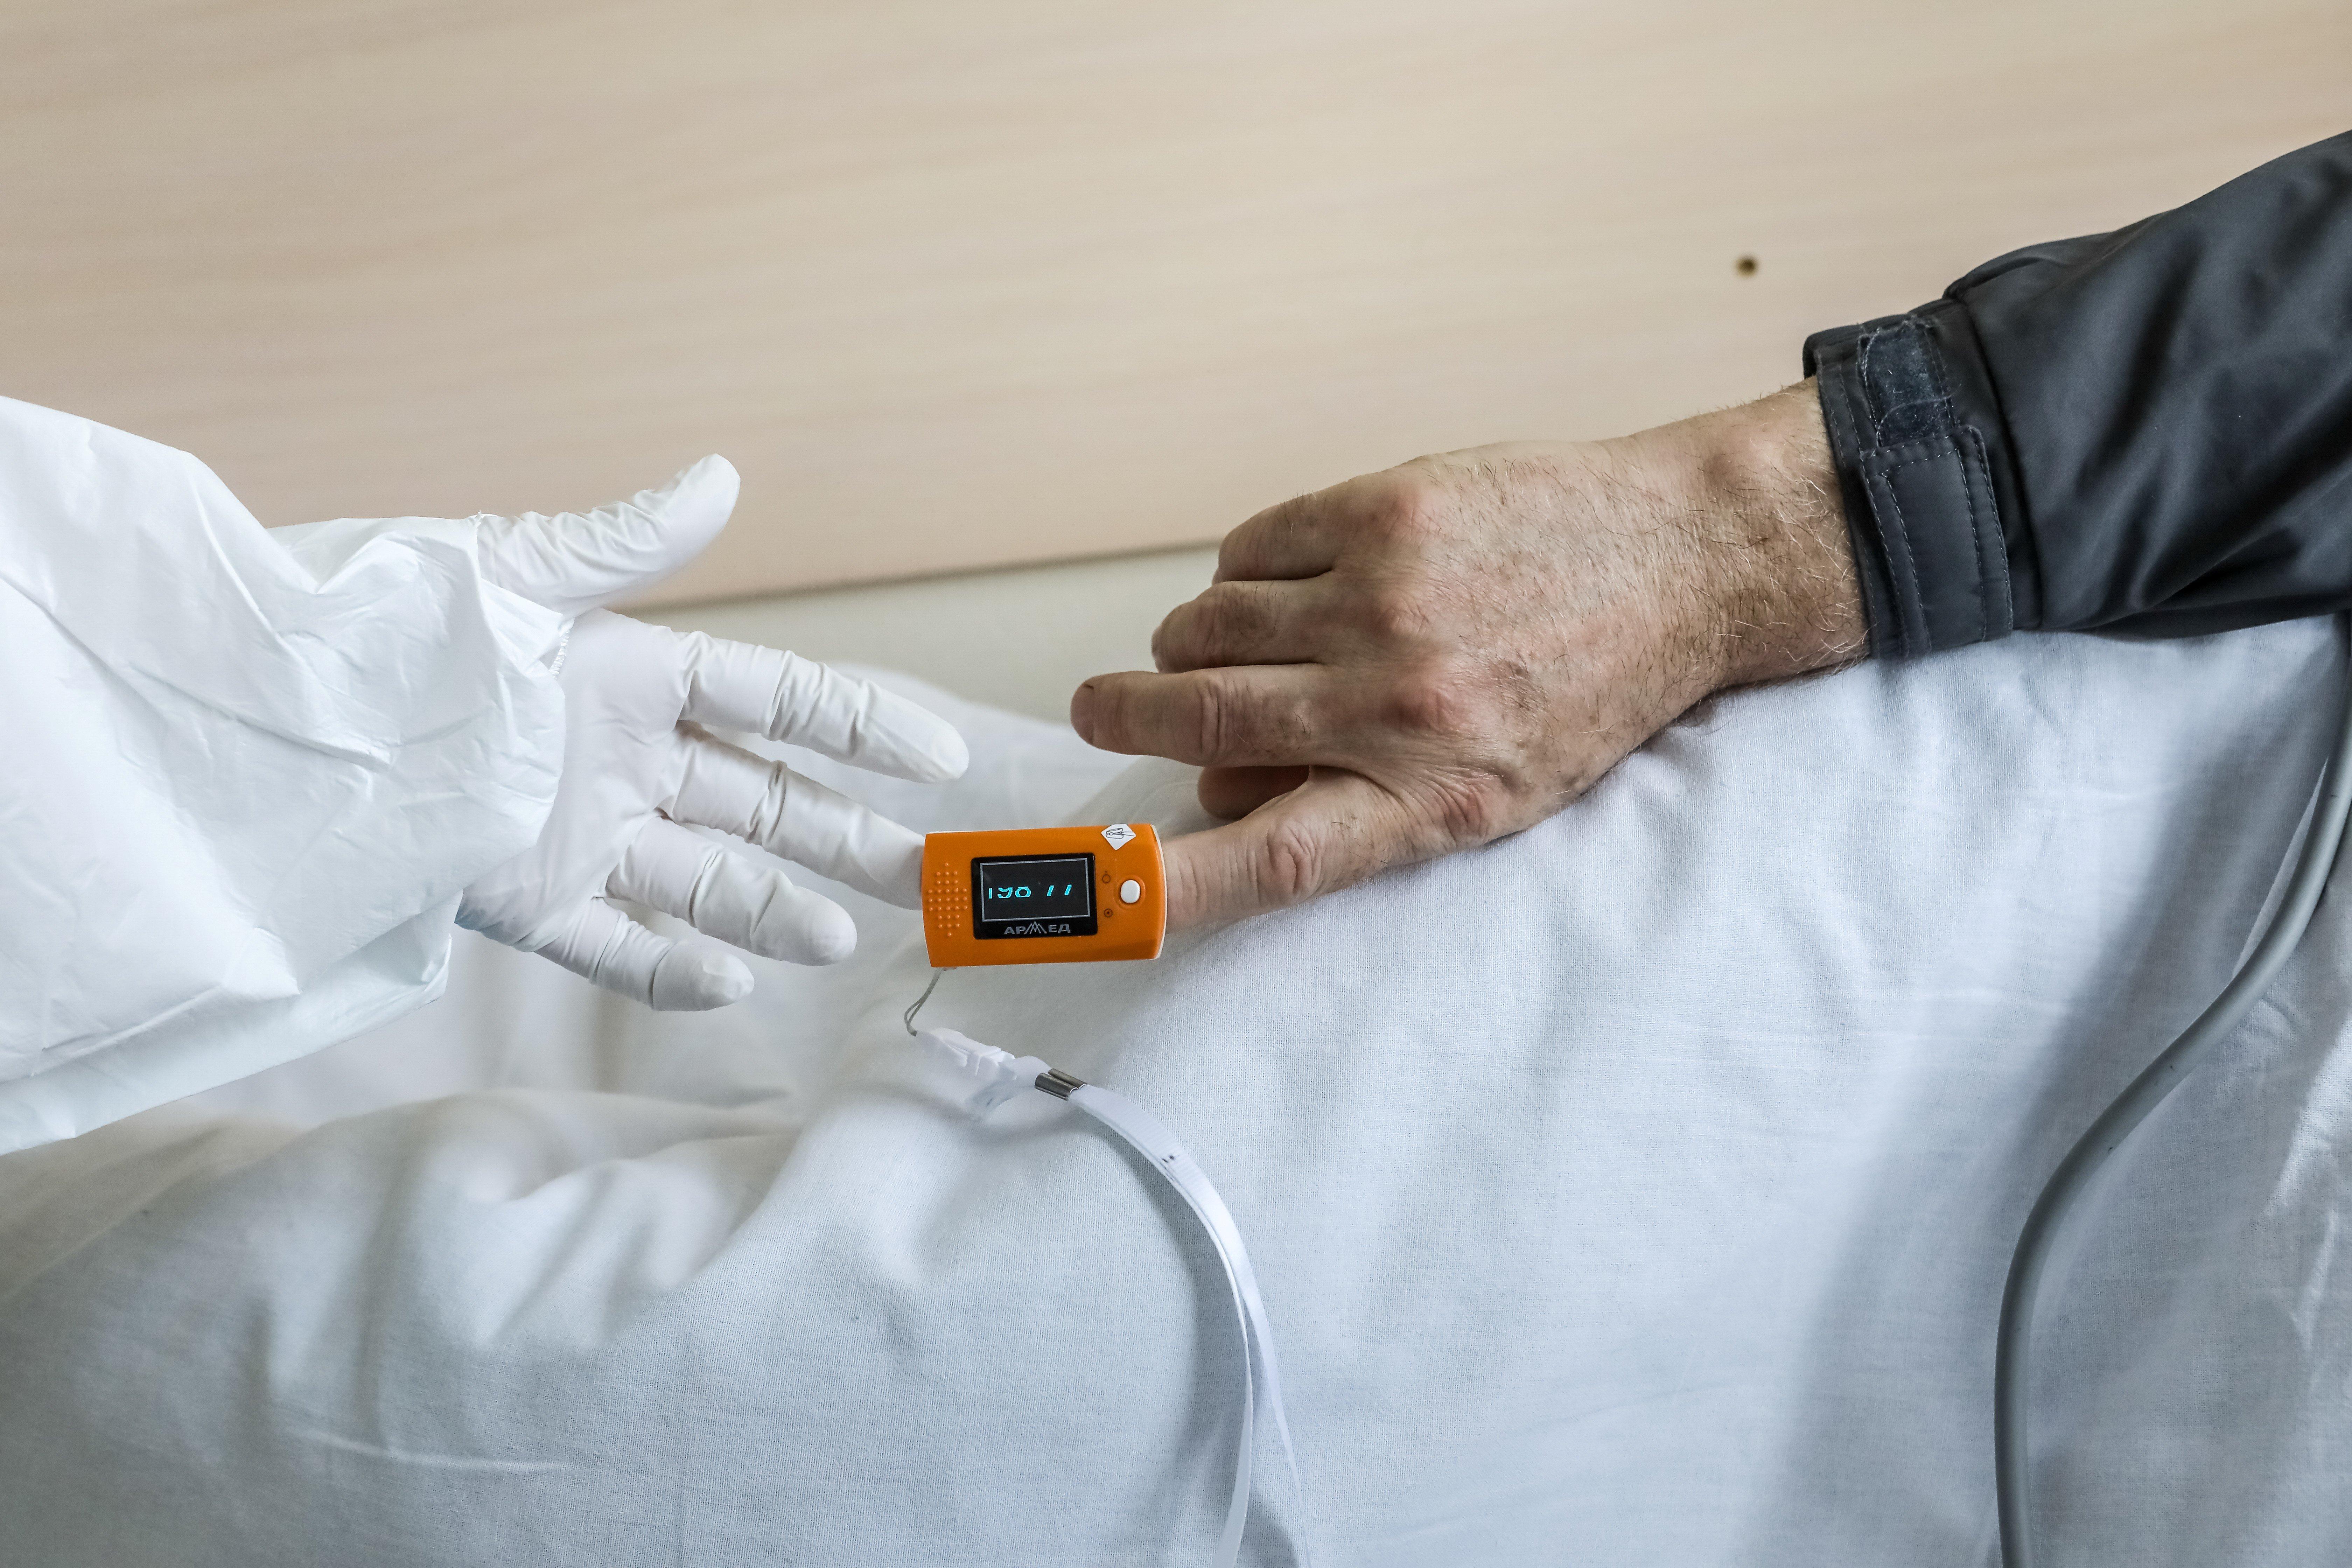 Из читинской больницы украли трубу для подачи кислорода к ИВЛ